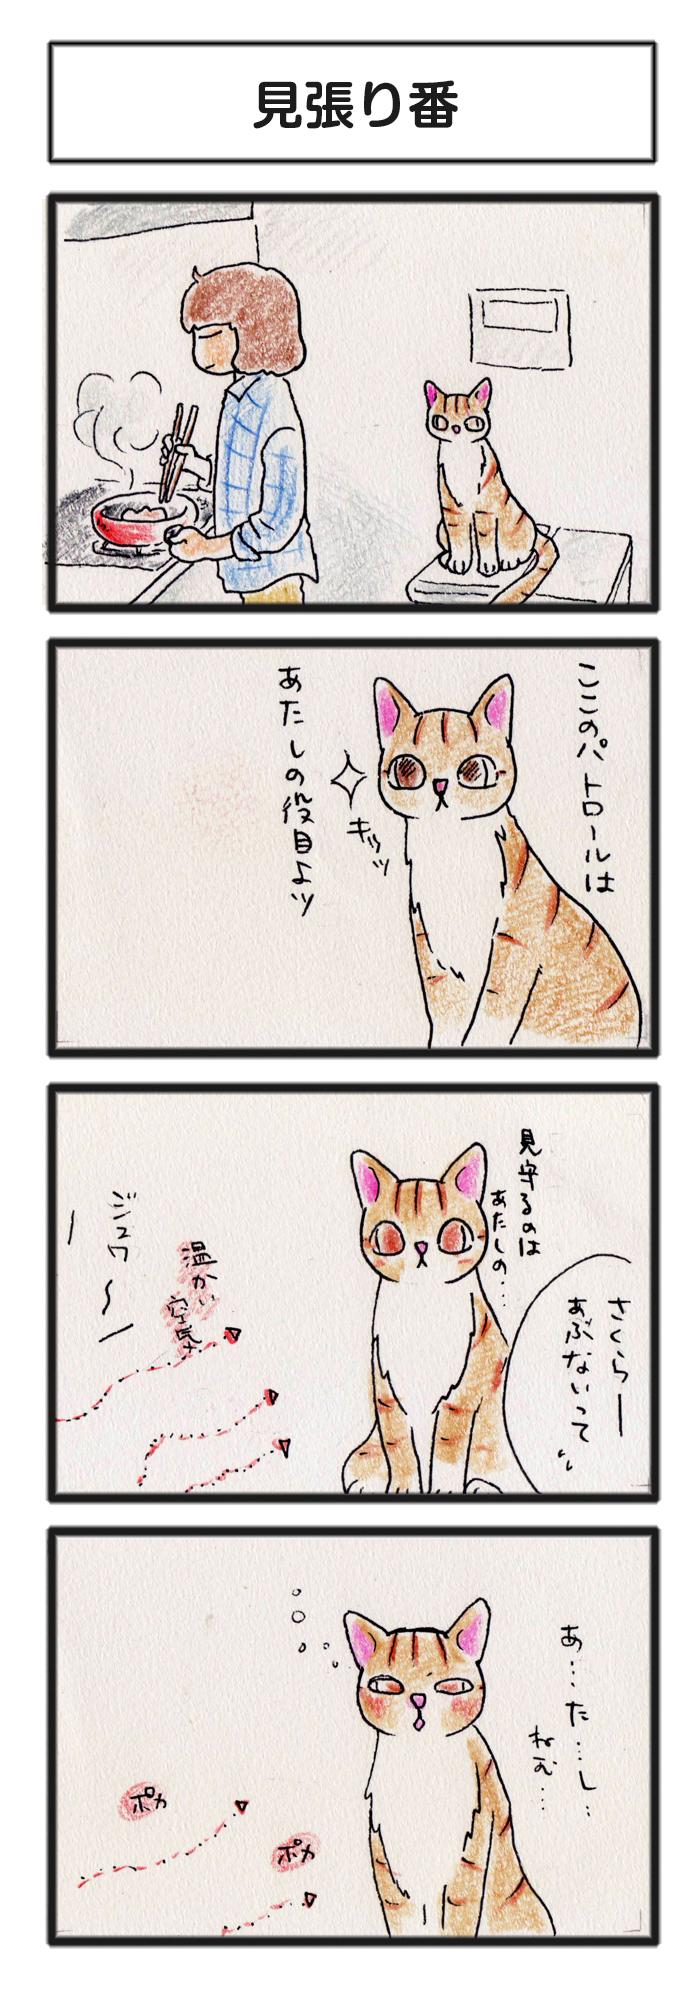 comic_4c_15040501.jpg